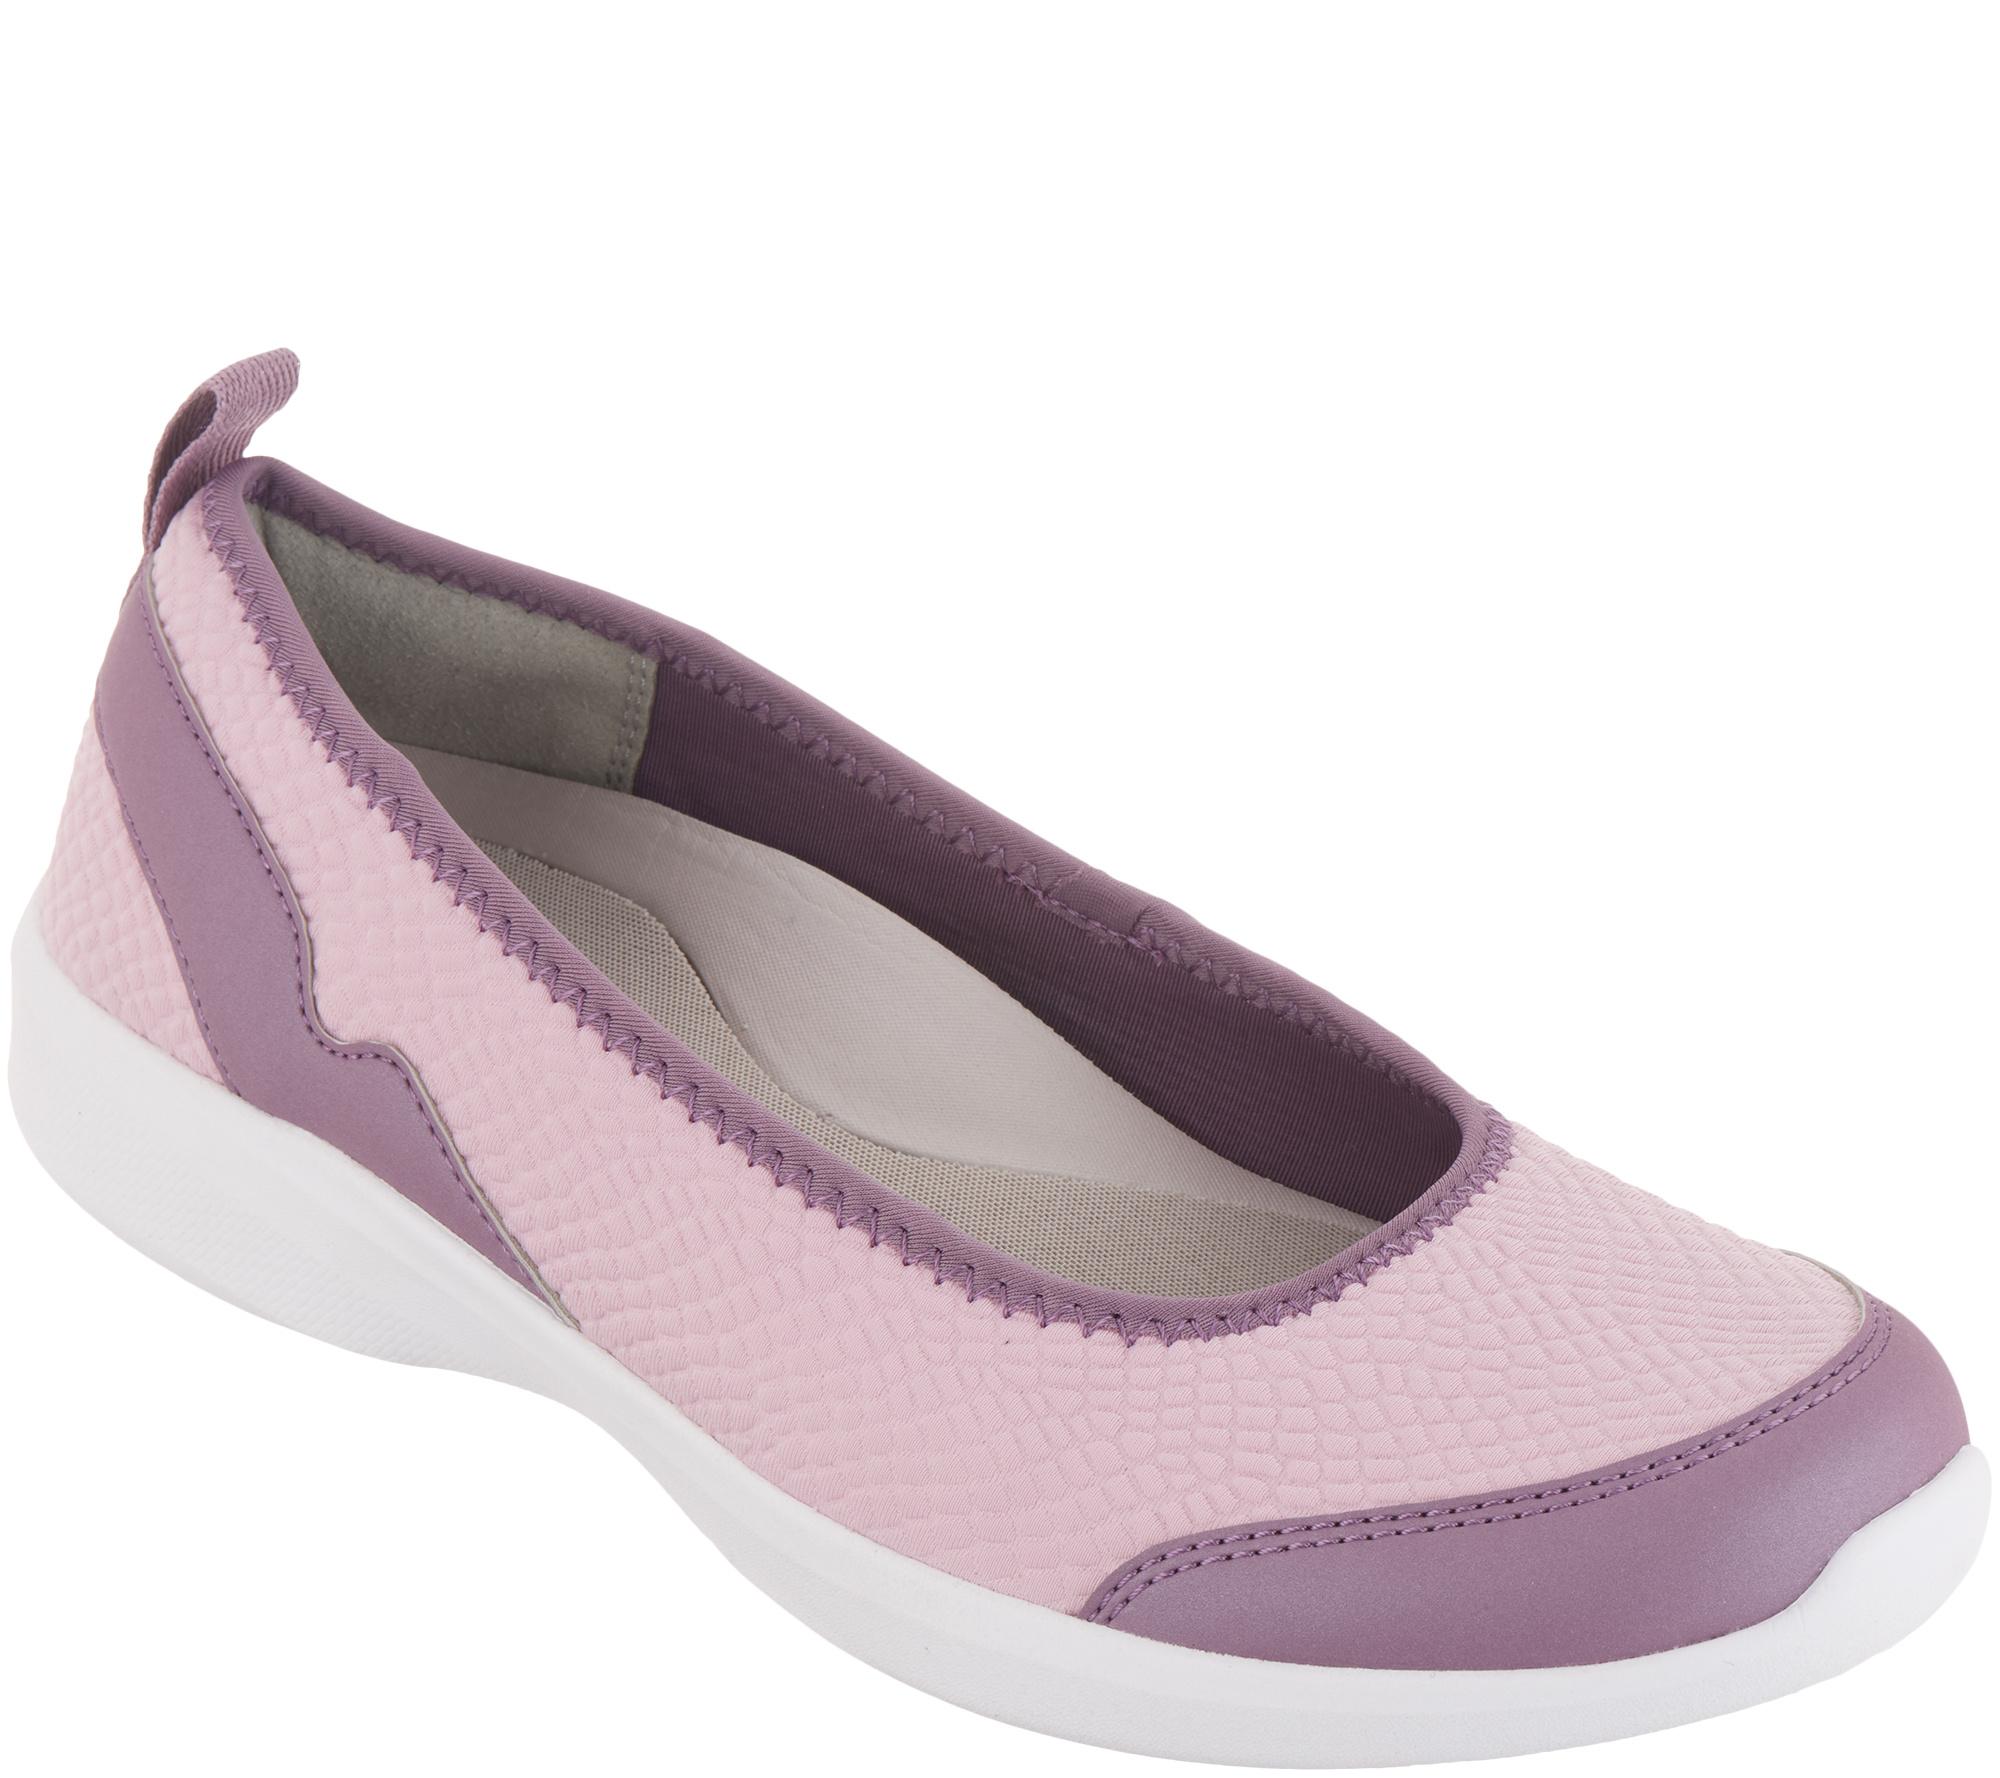 Vionic Mesh Slip On Shoes - Sena